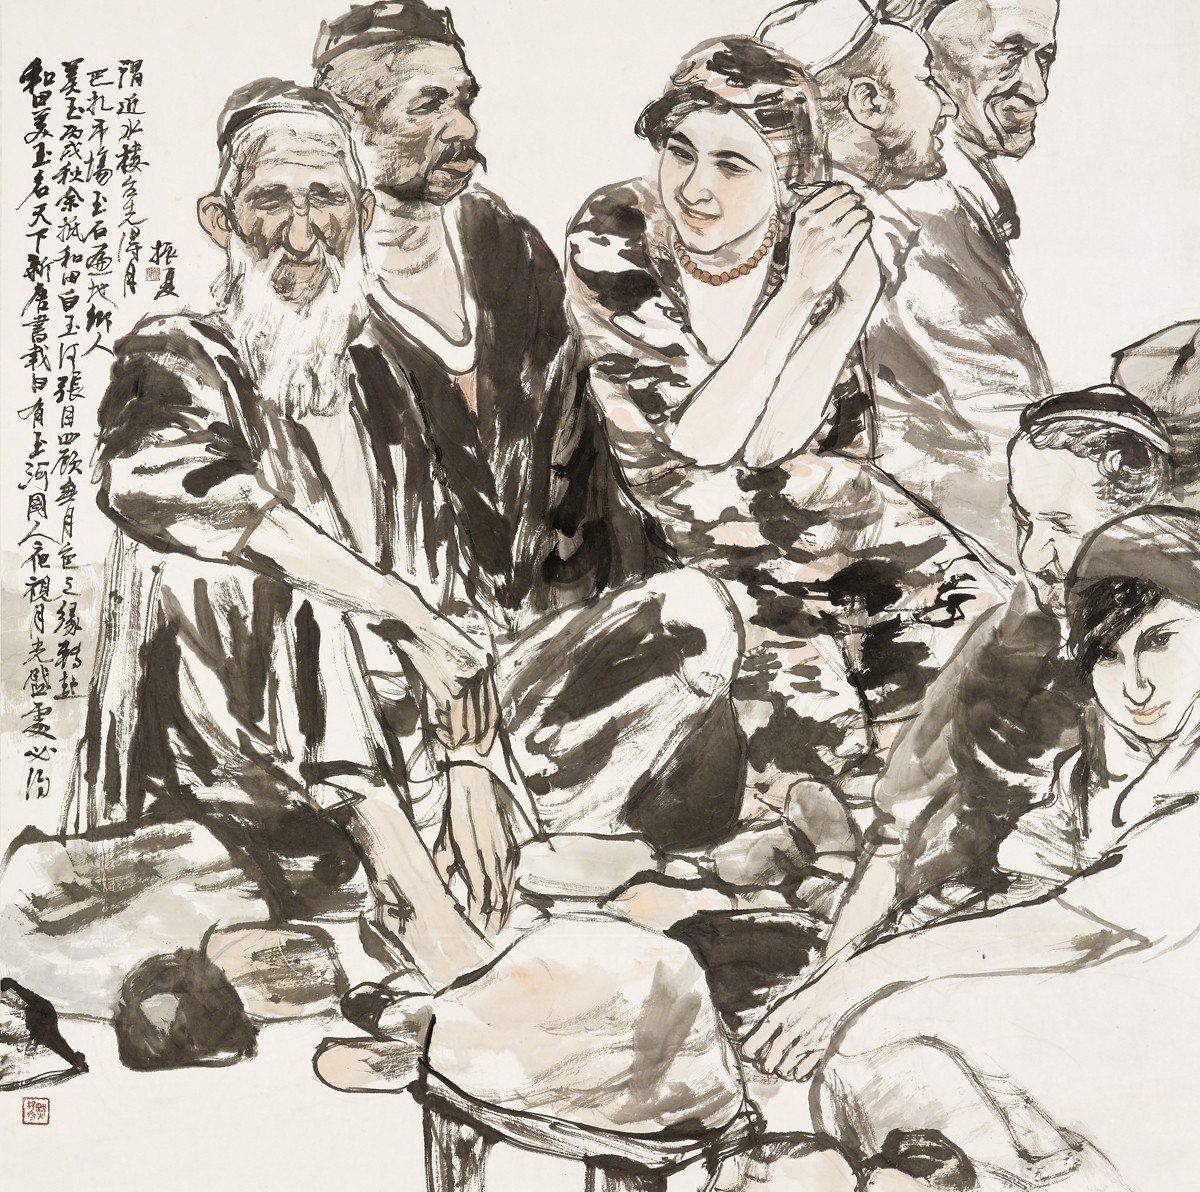 劉振夏 和田大巴扎 2006 120x120cm